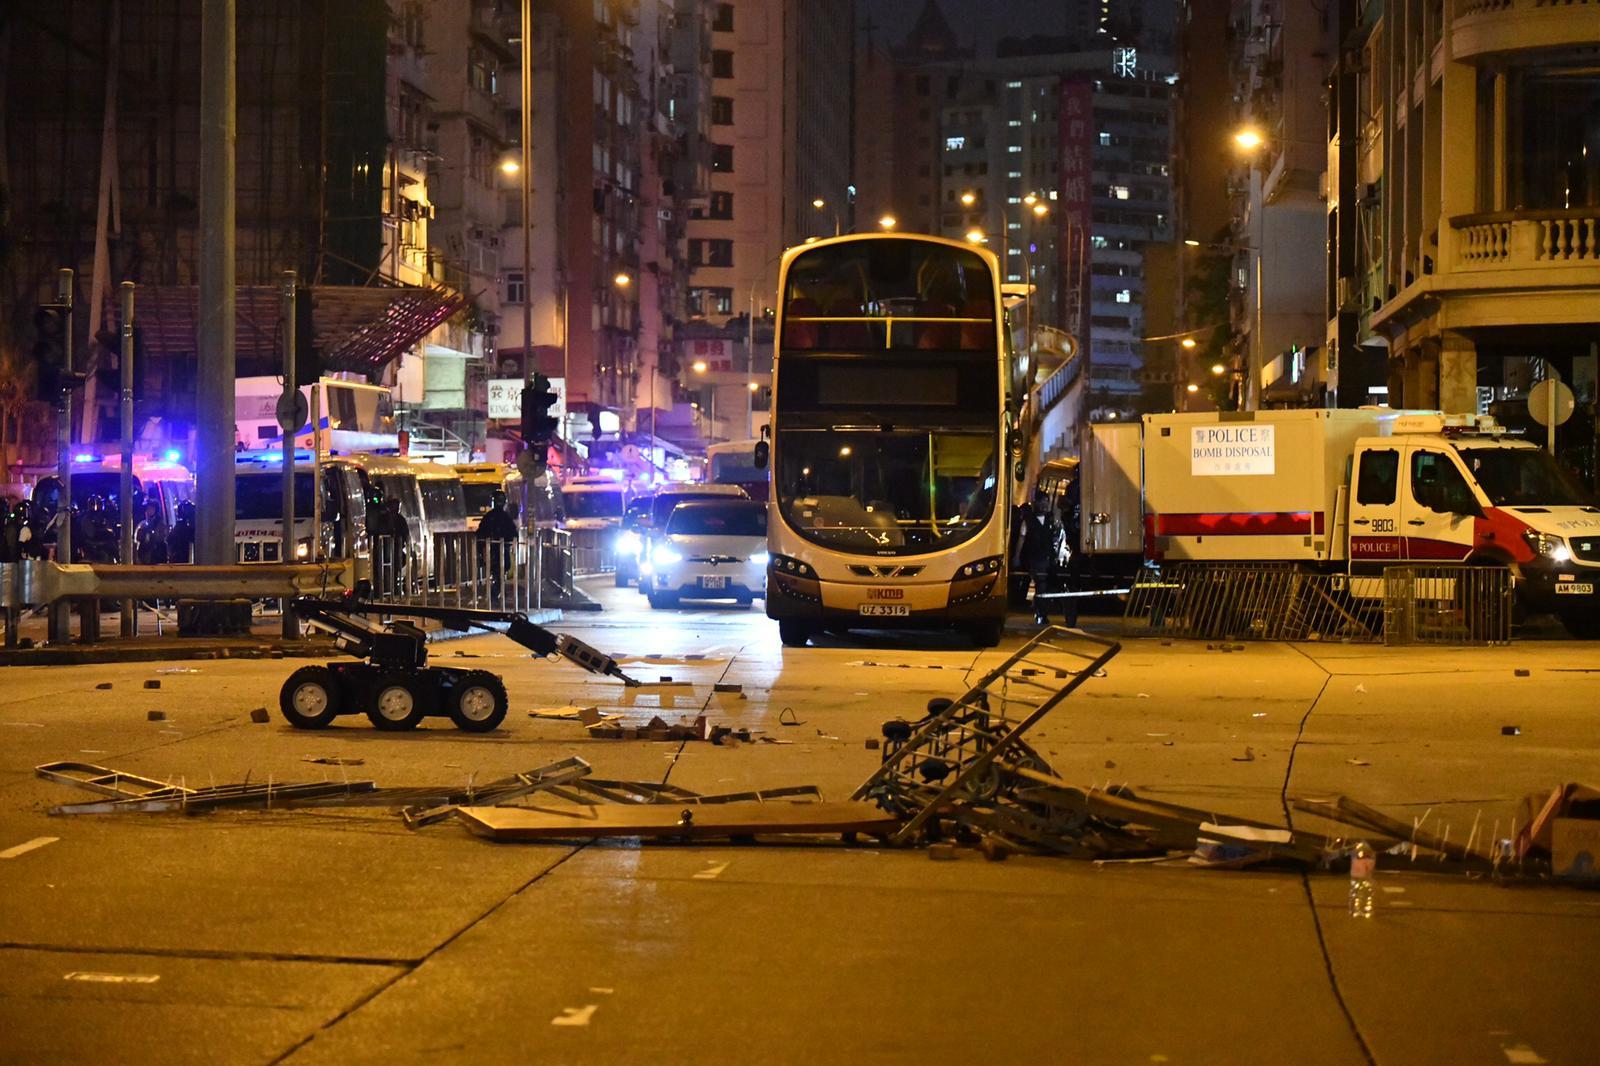 荔枝角道發現懷疑爆炸品,拆彈車即時引爆。